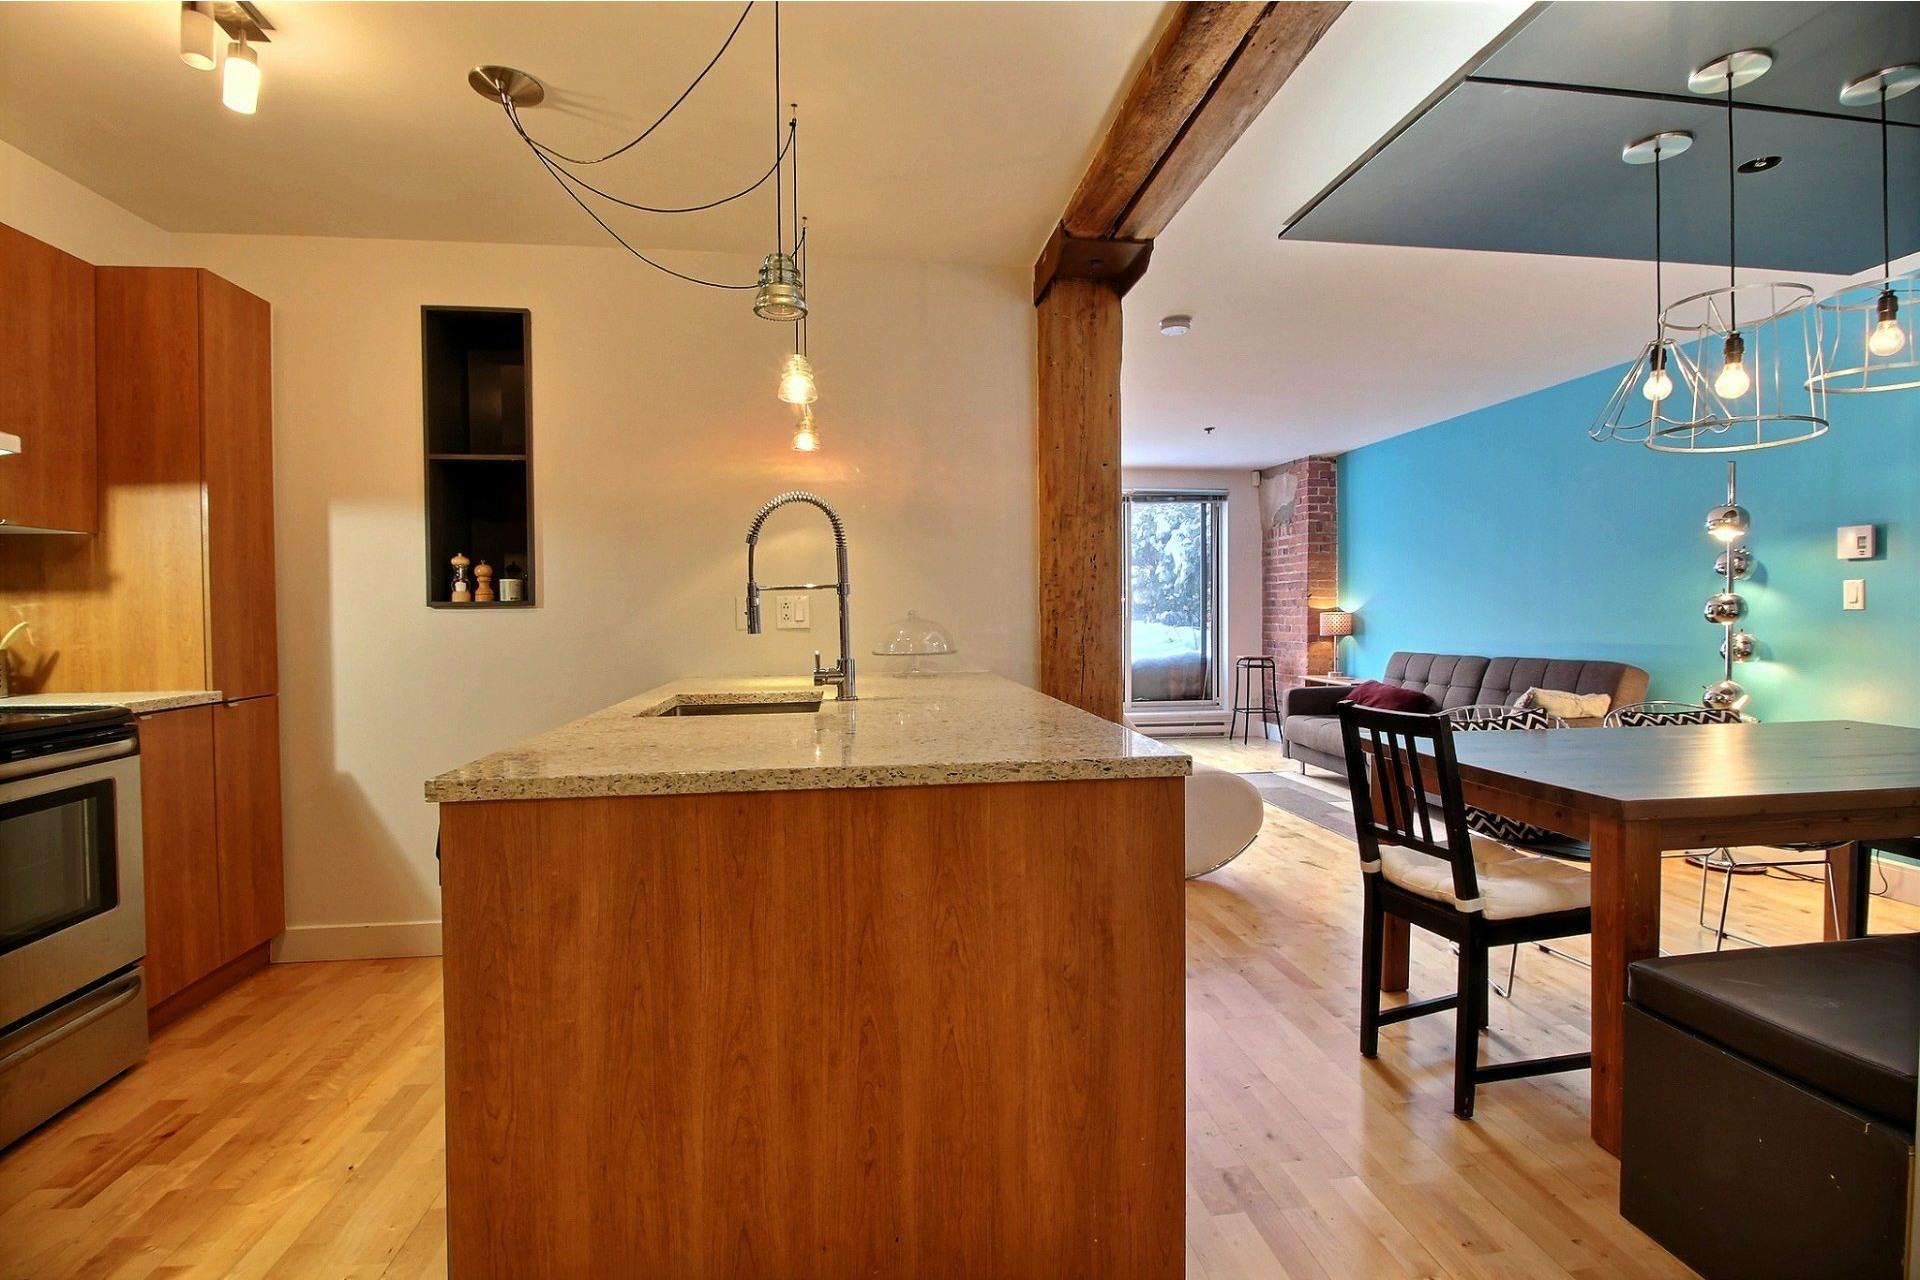 image 7 - Appartement À louer Mercier/Hochelaga-Maisonneuve Montréal  - 5 pièces